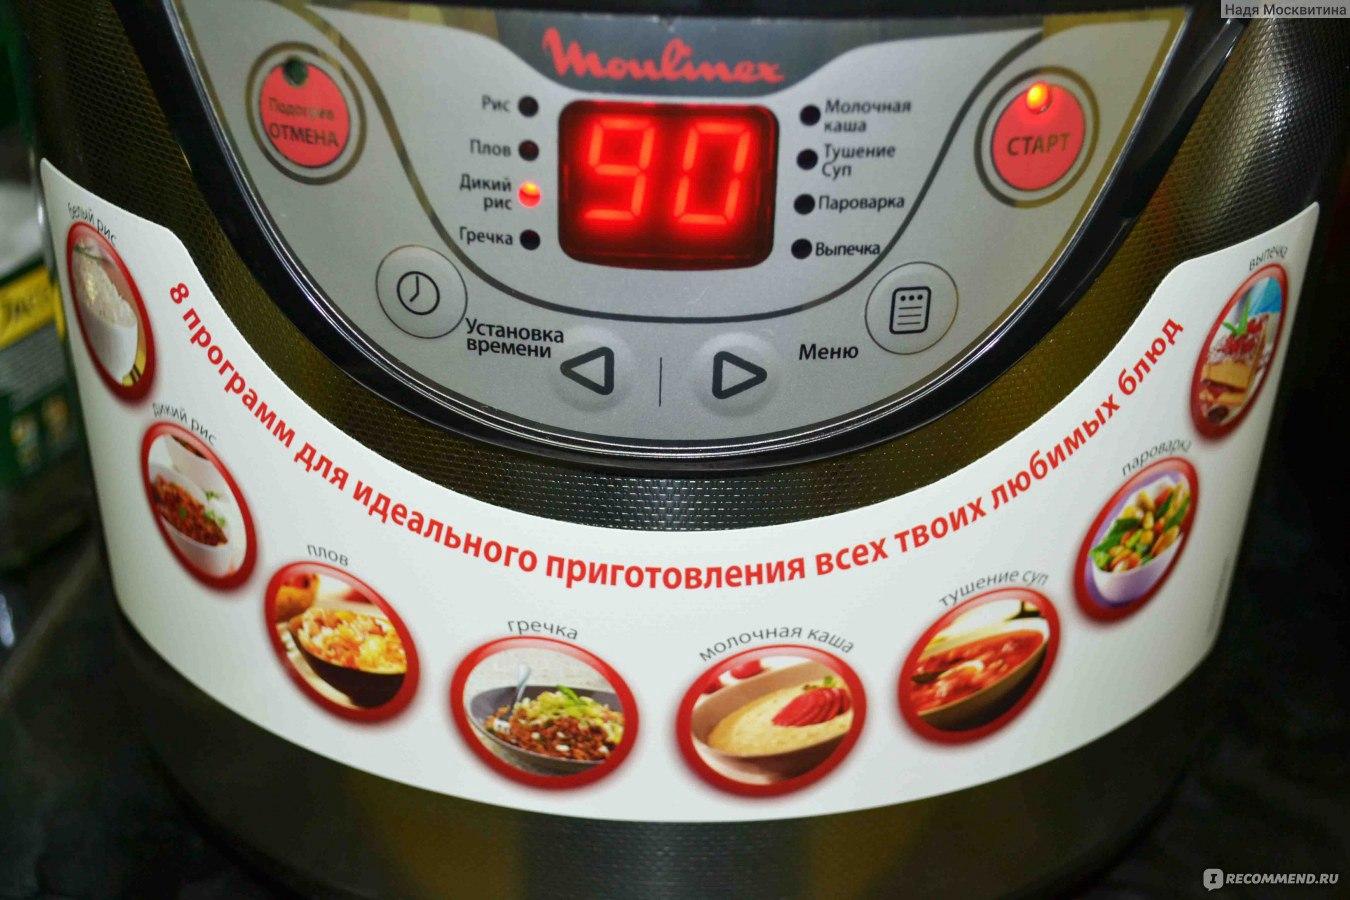 Рецепты для мультиварки мулинекс пошагово в